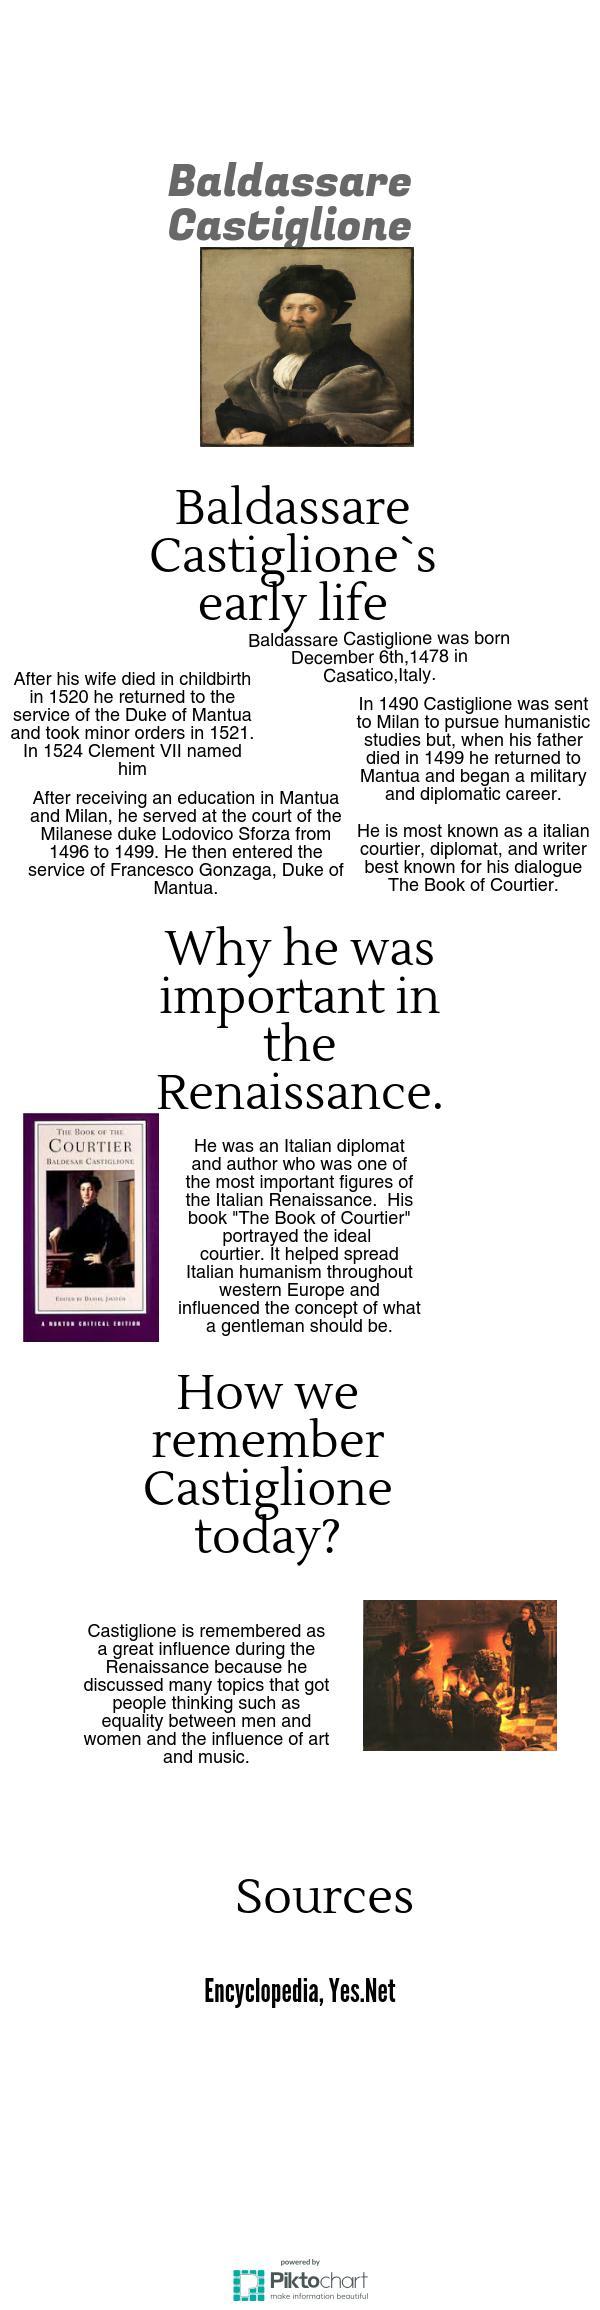 baldassare castiglione the book of the courtier